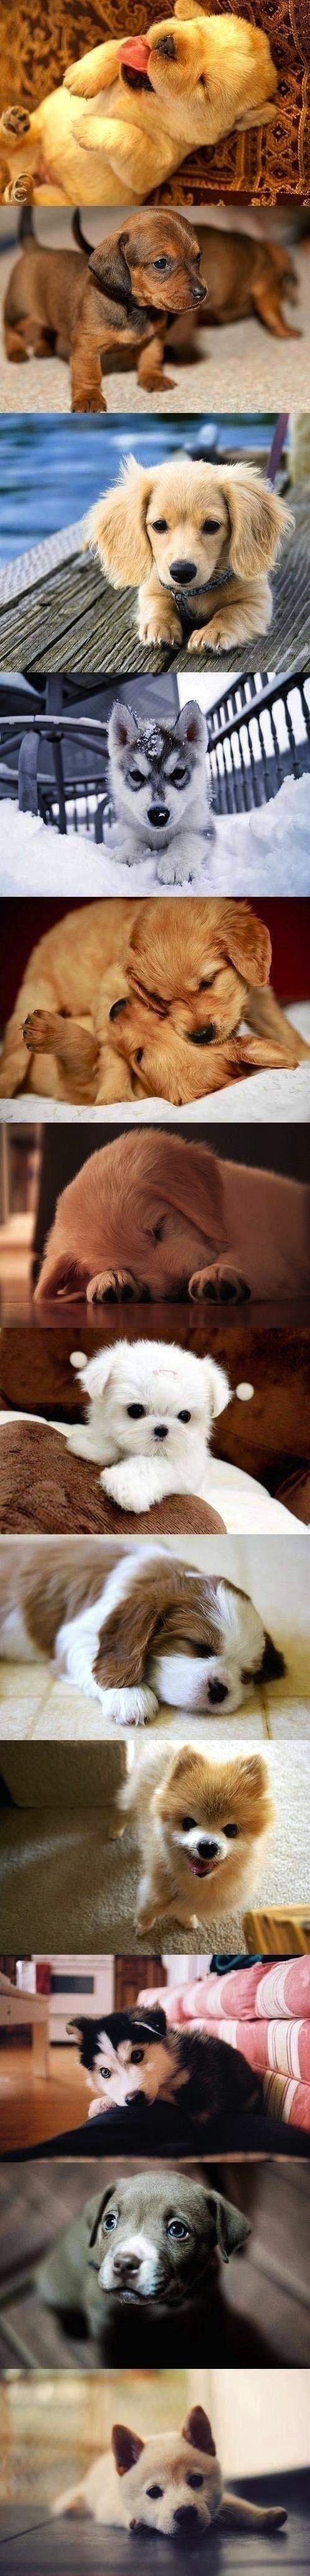 #perritos #perros                                                                                                                                                      Más